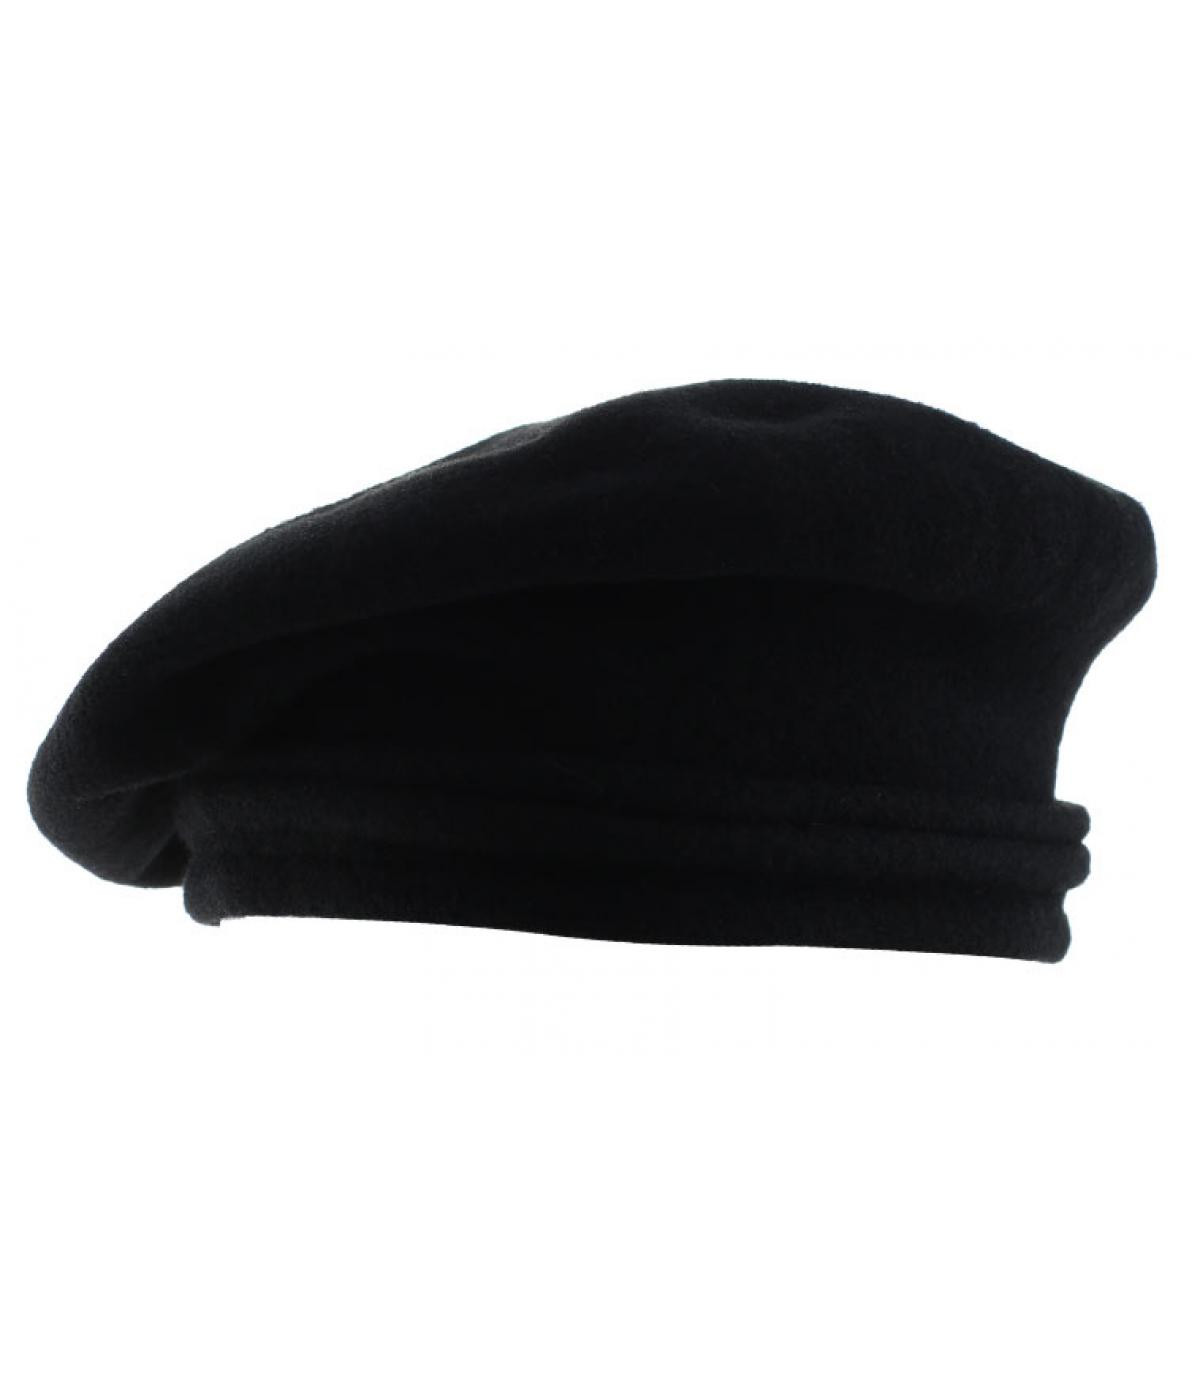 boina negro lana inclinado